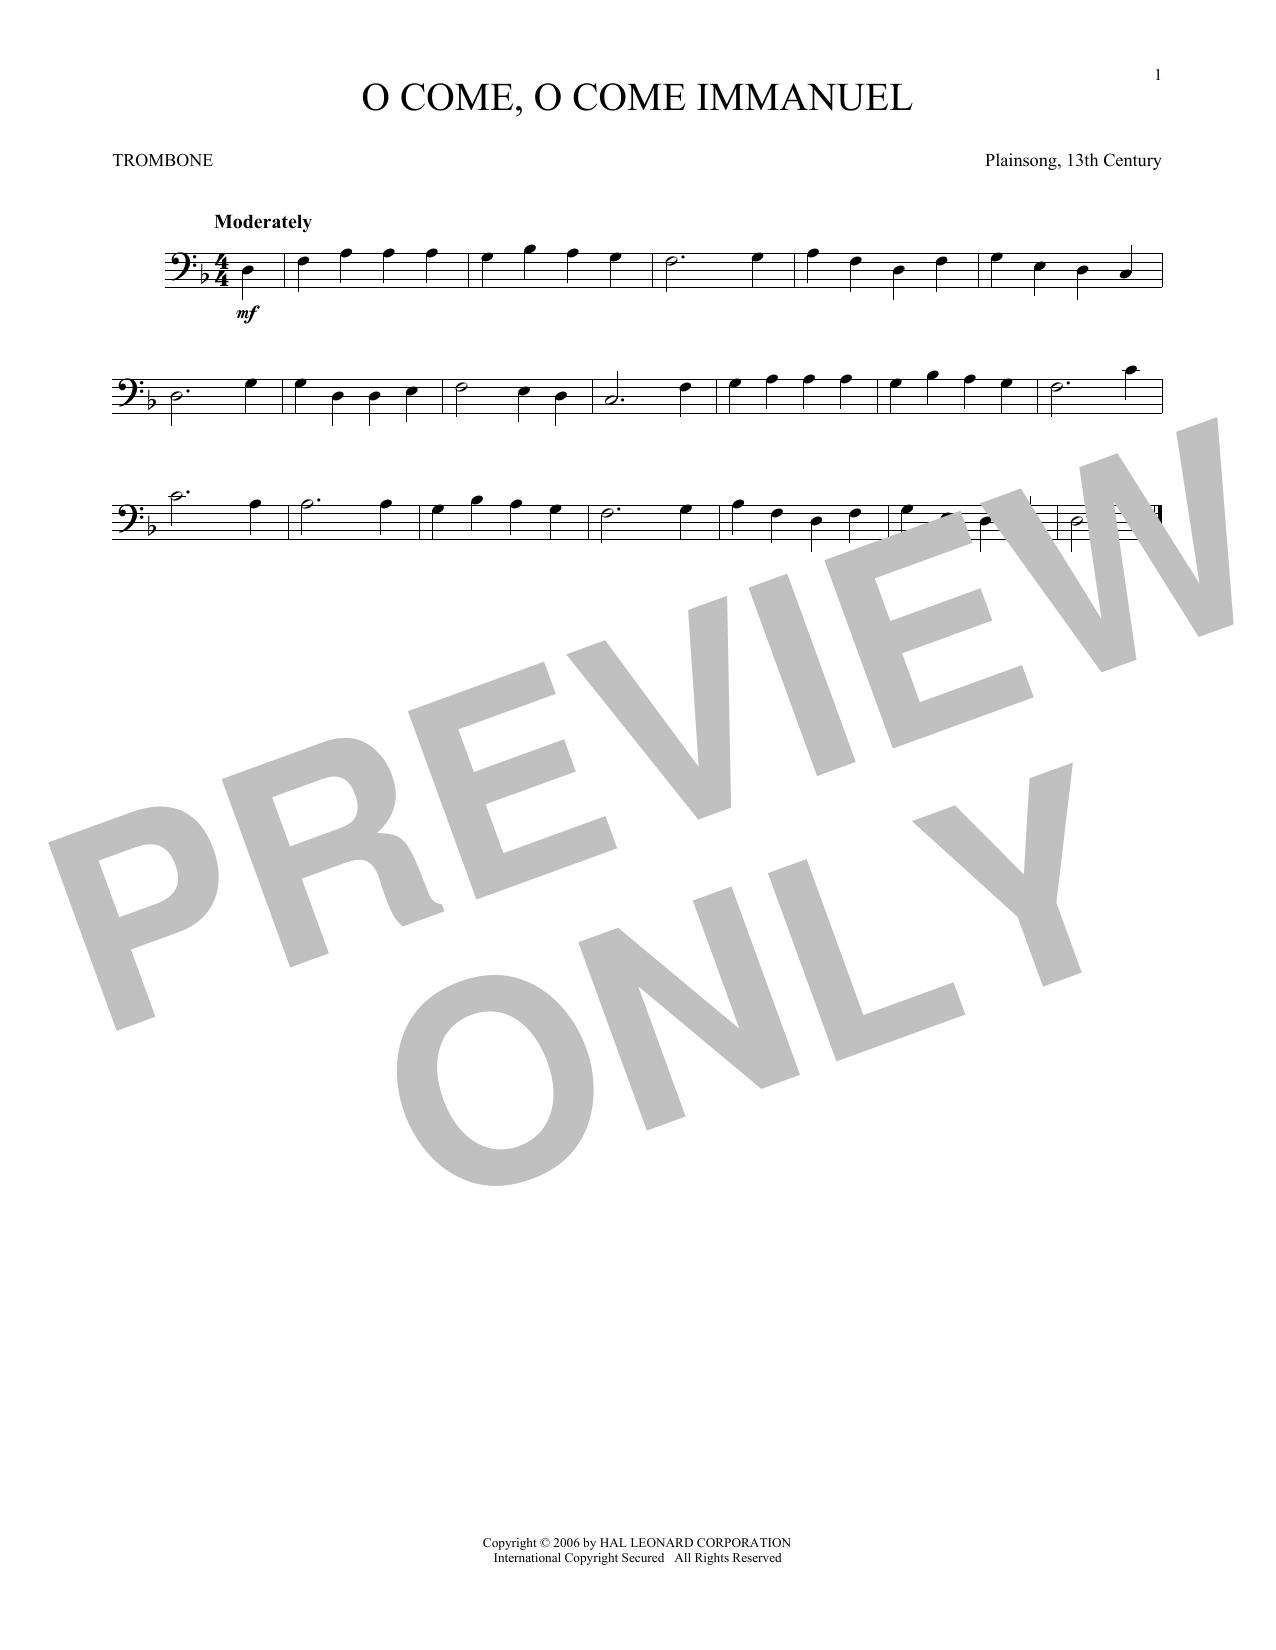 O Come, O Come Immanuel (Trombone Solo)